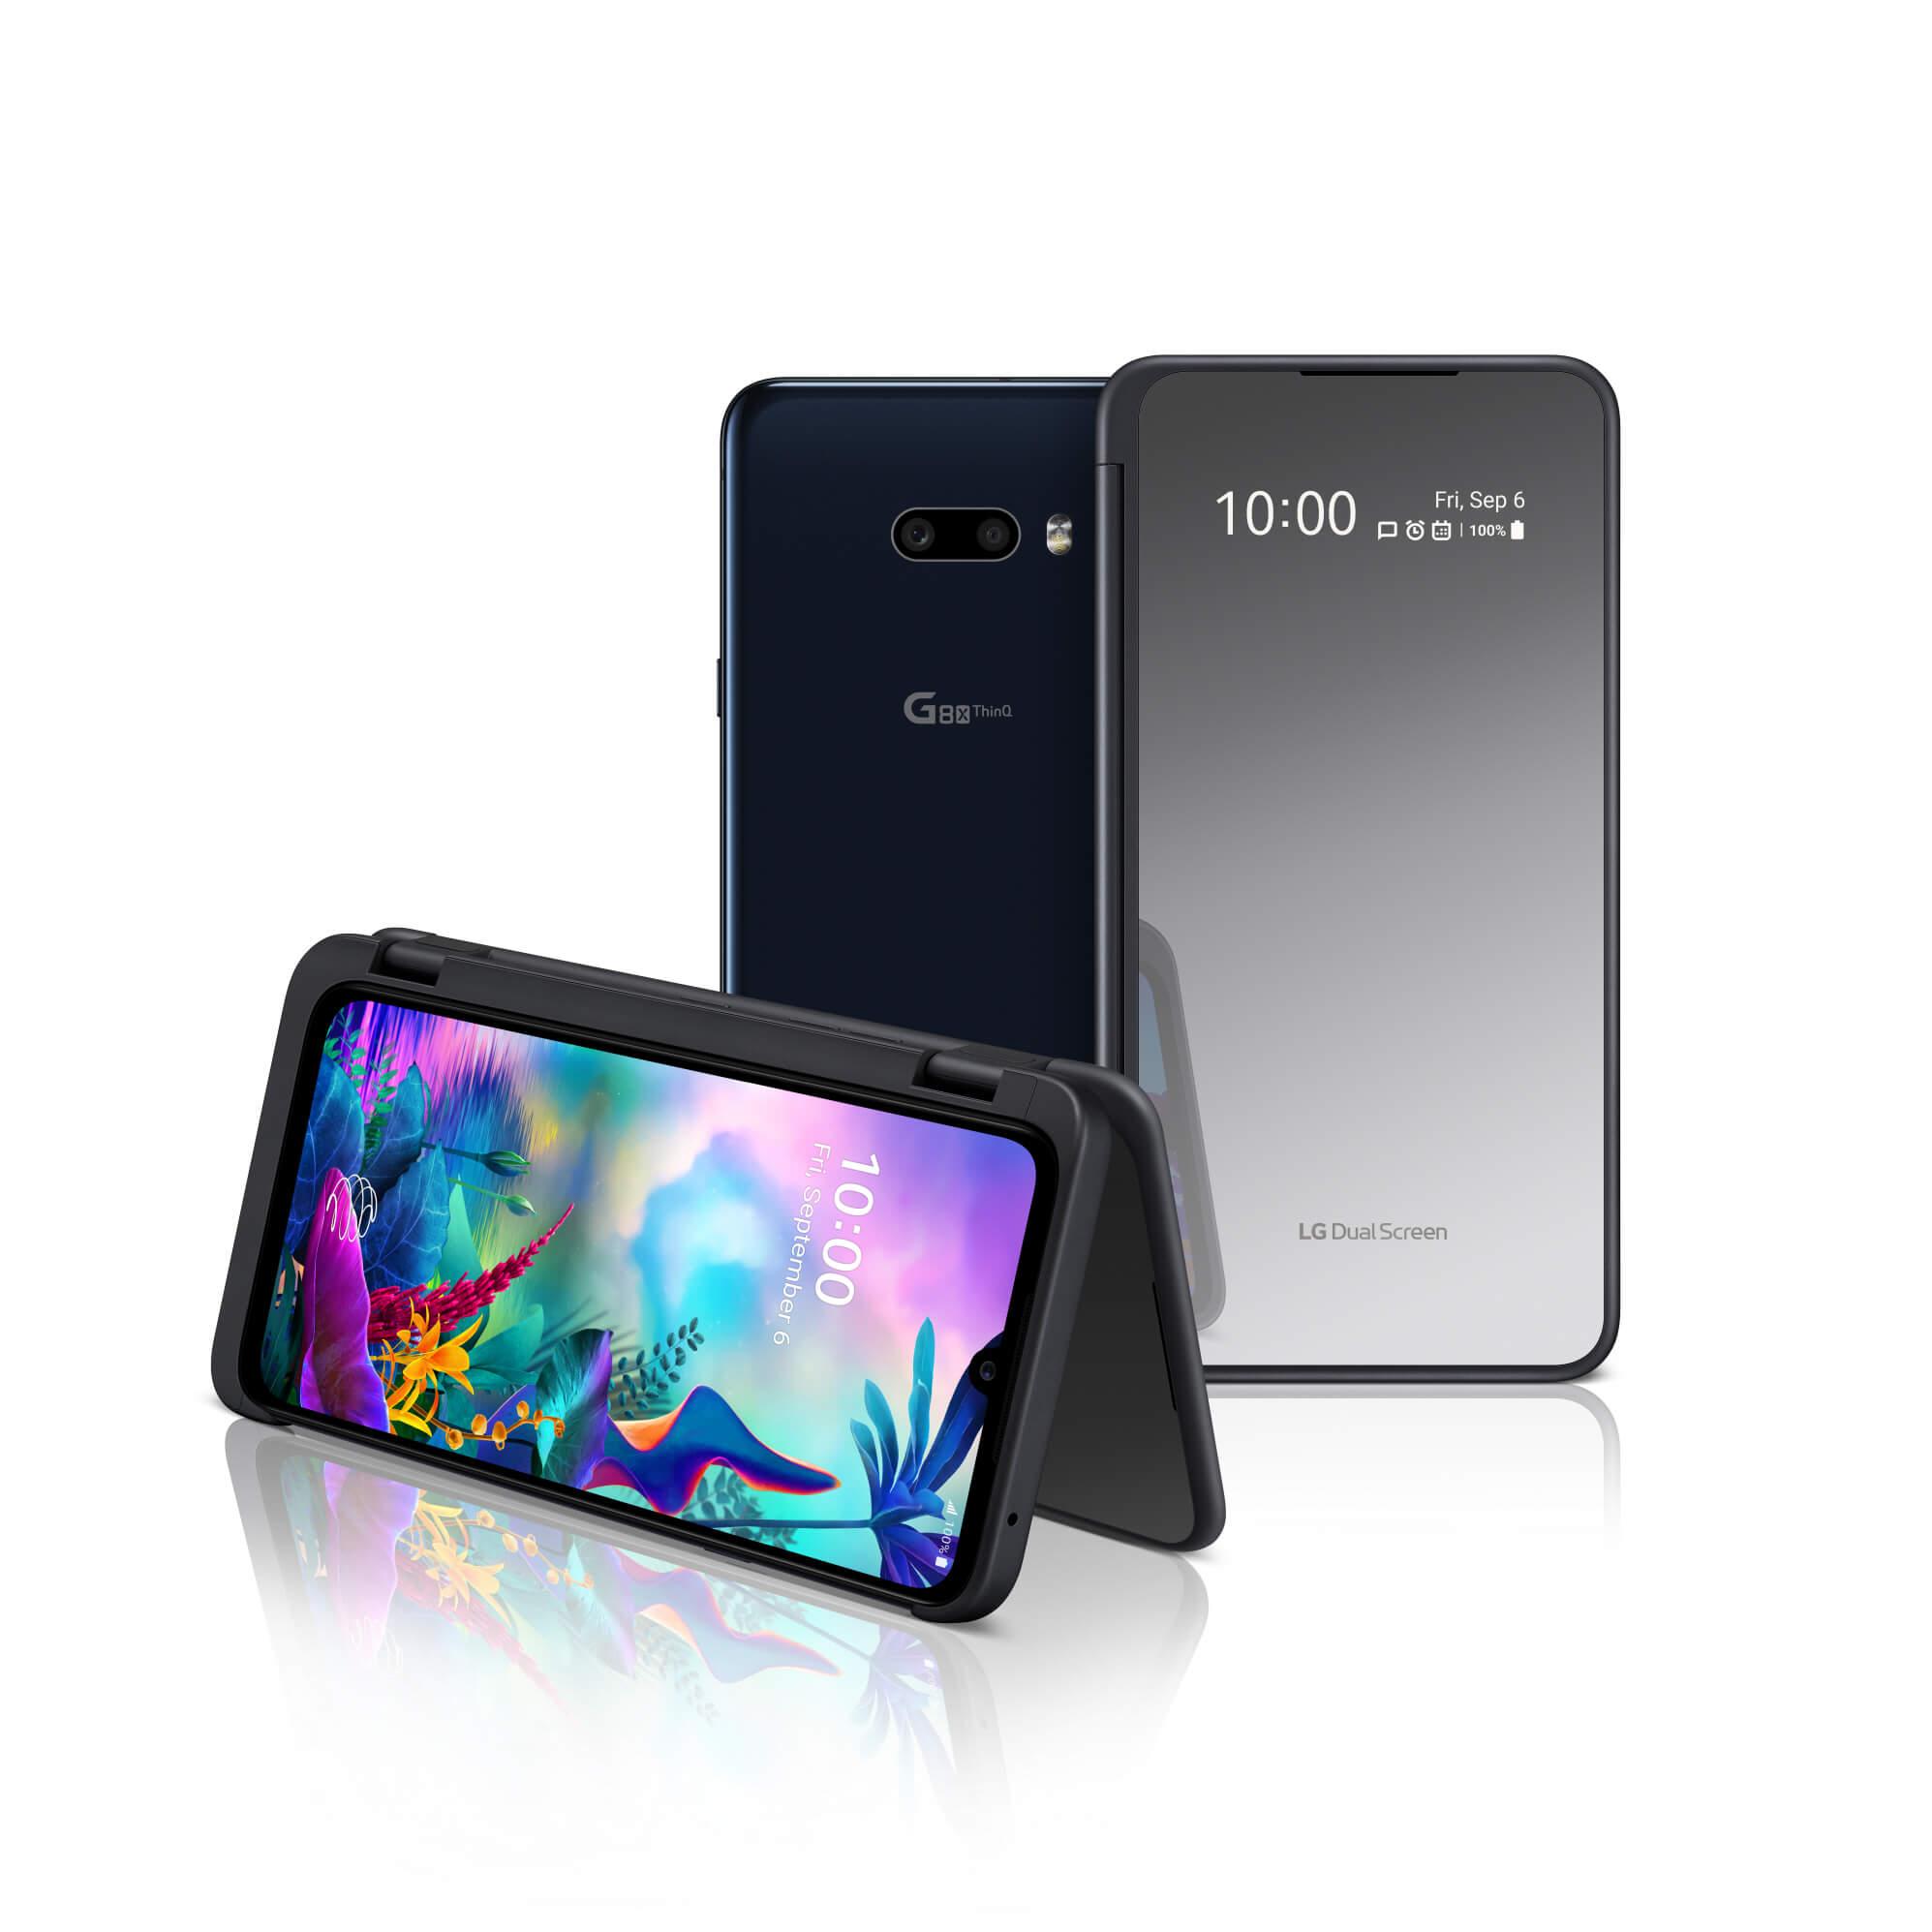 LG G8X ThinQ đã chính thức: thông số kỹ thuật, giá cả và tính sẵn sàng. 1